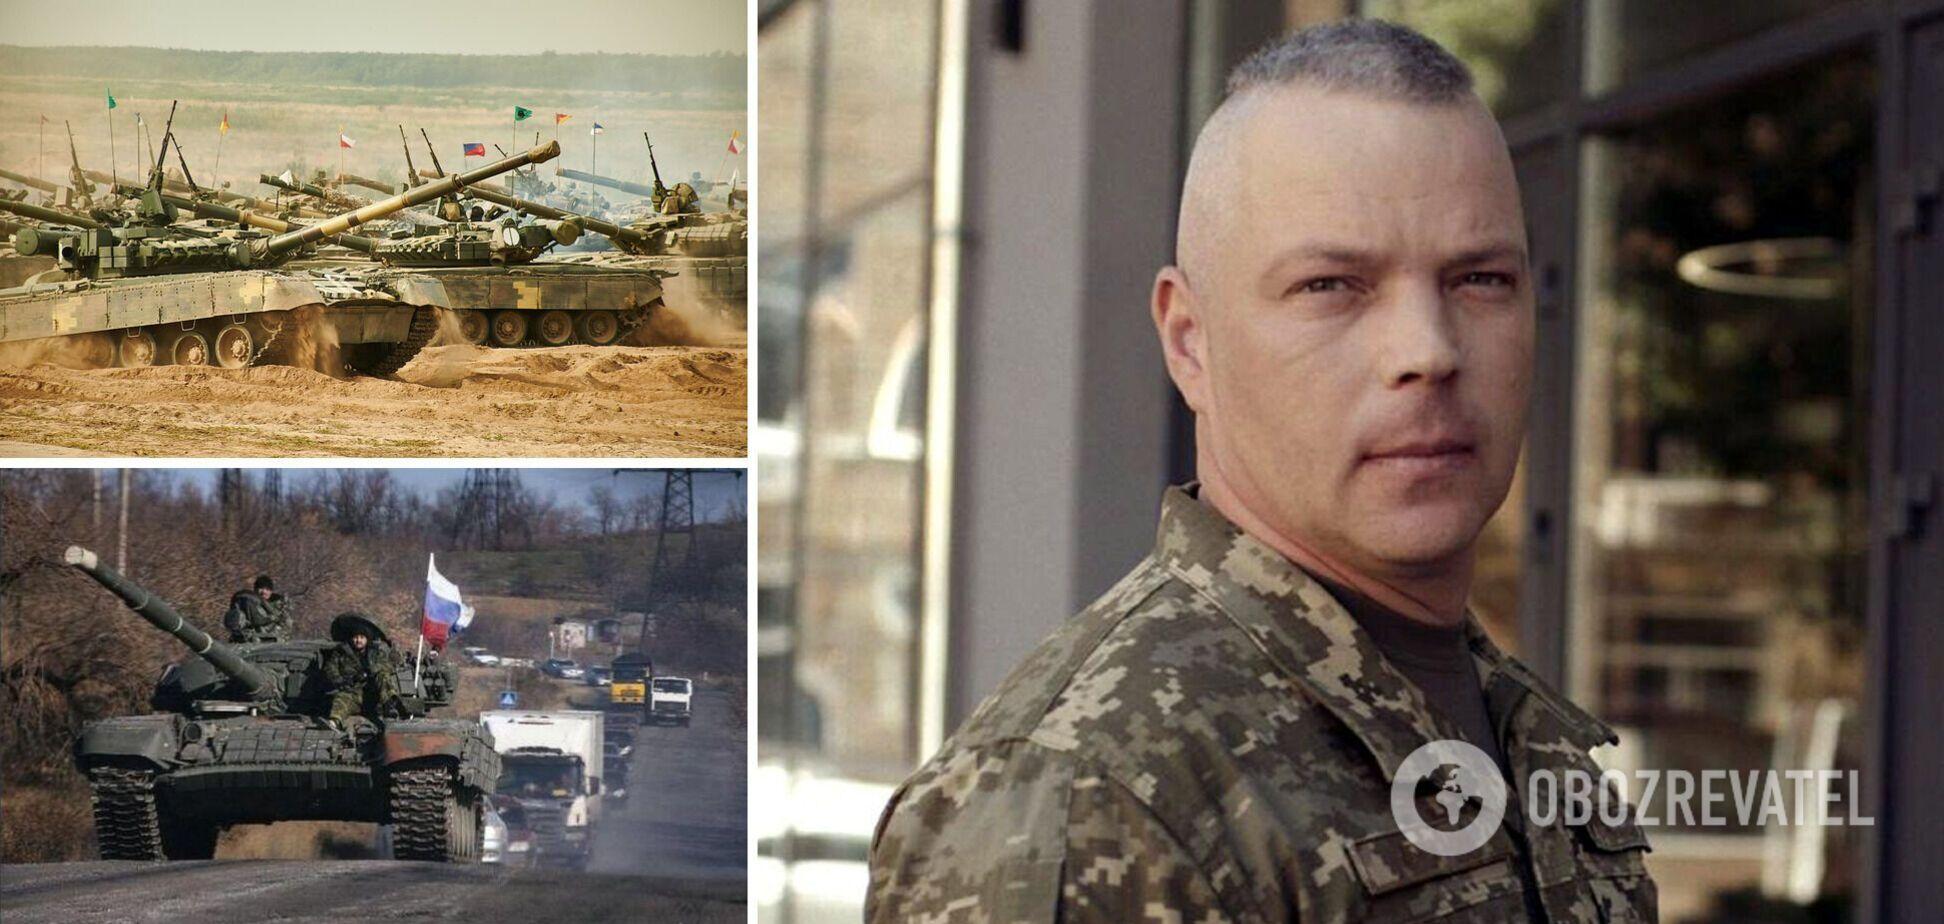 Забродський: у війні з Росією Україна повинна розраховувати сама на себе